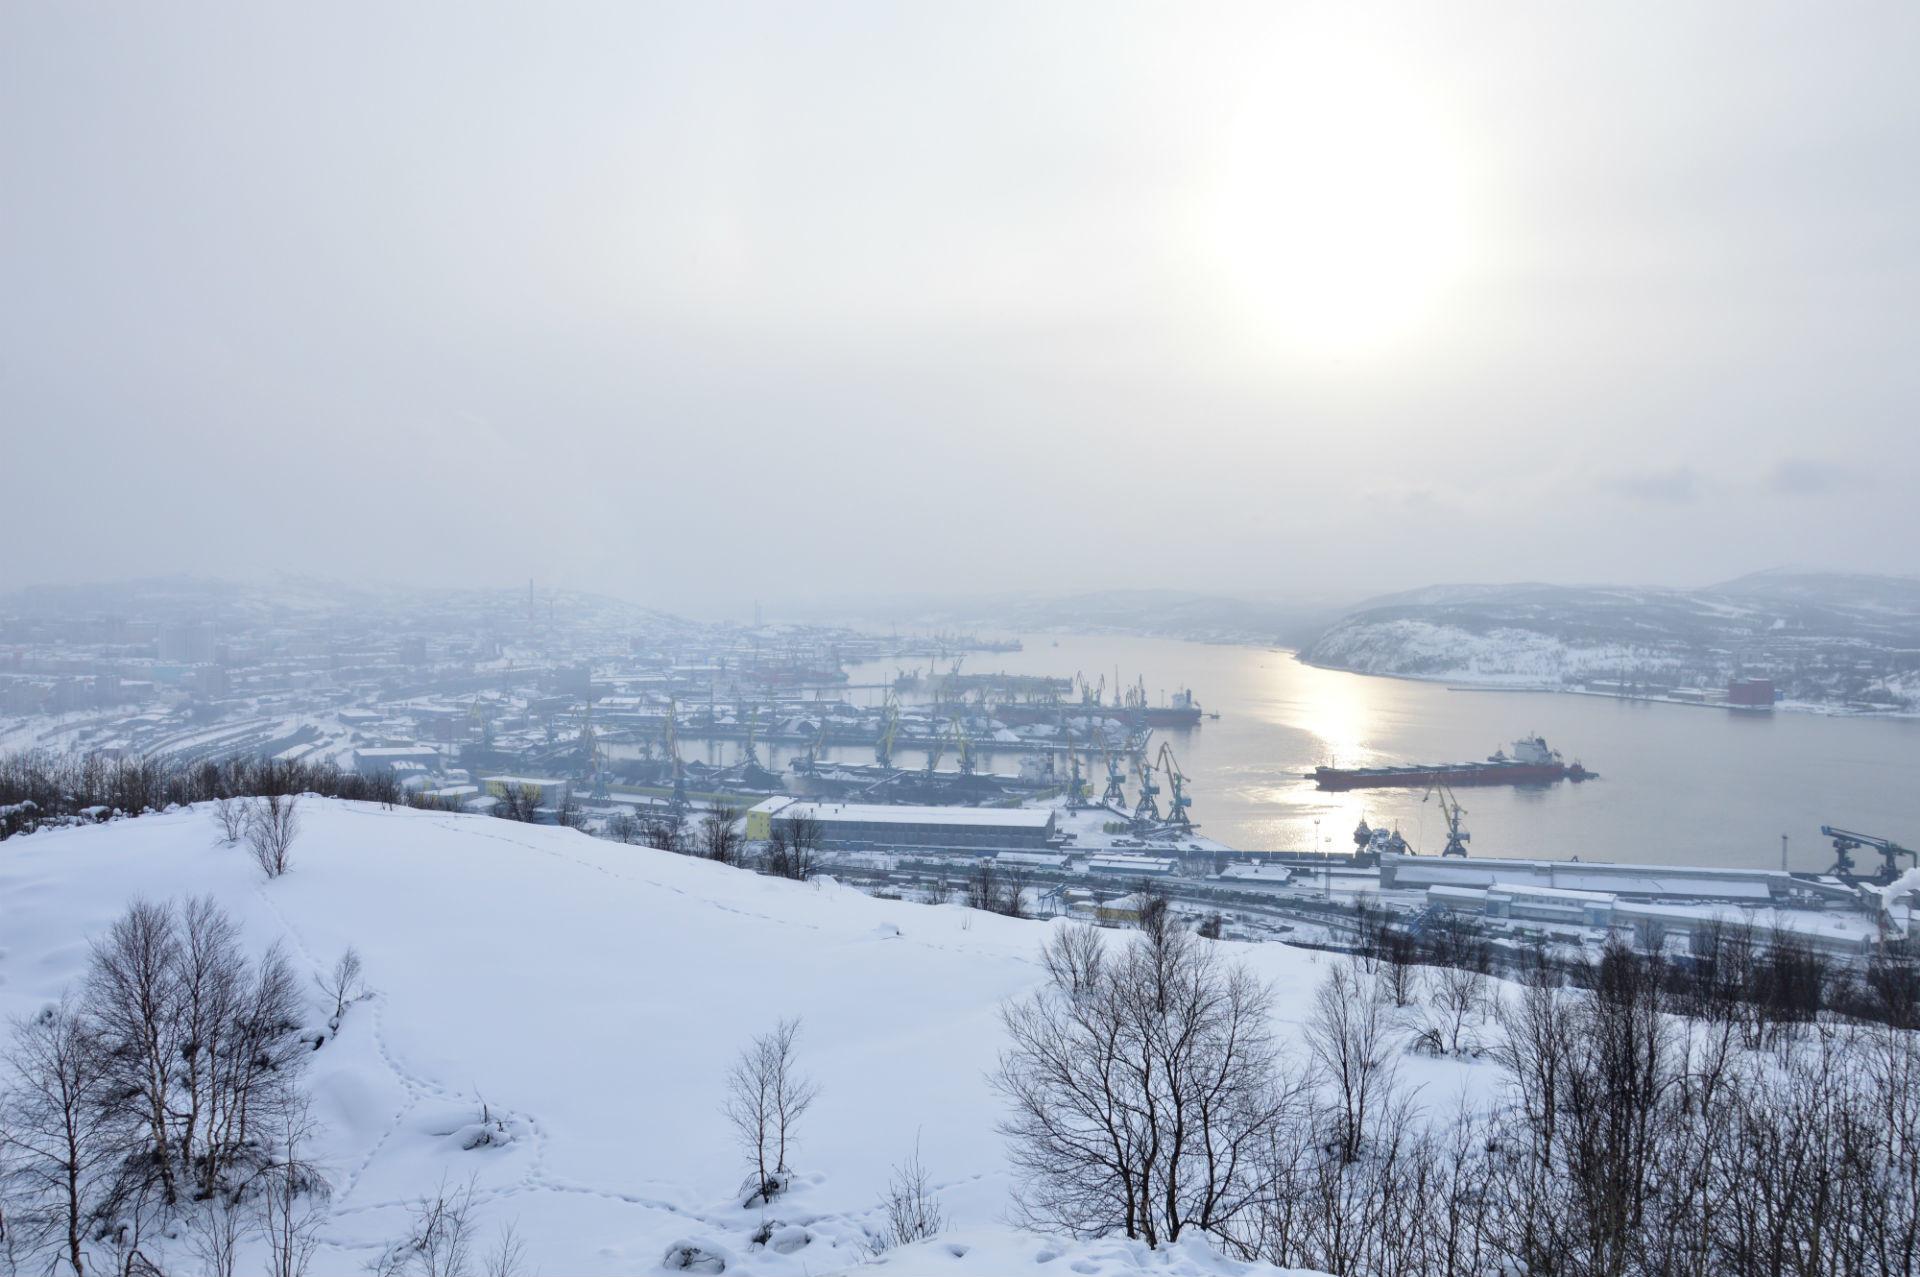 L'horizon disparait derrière un épais rideau de neige, de brouillard et de mystère.